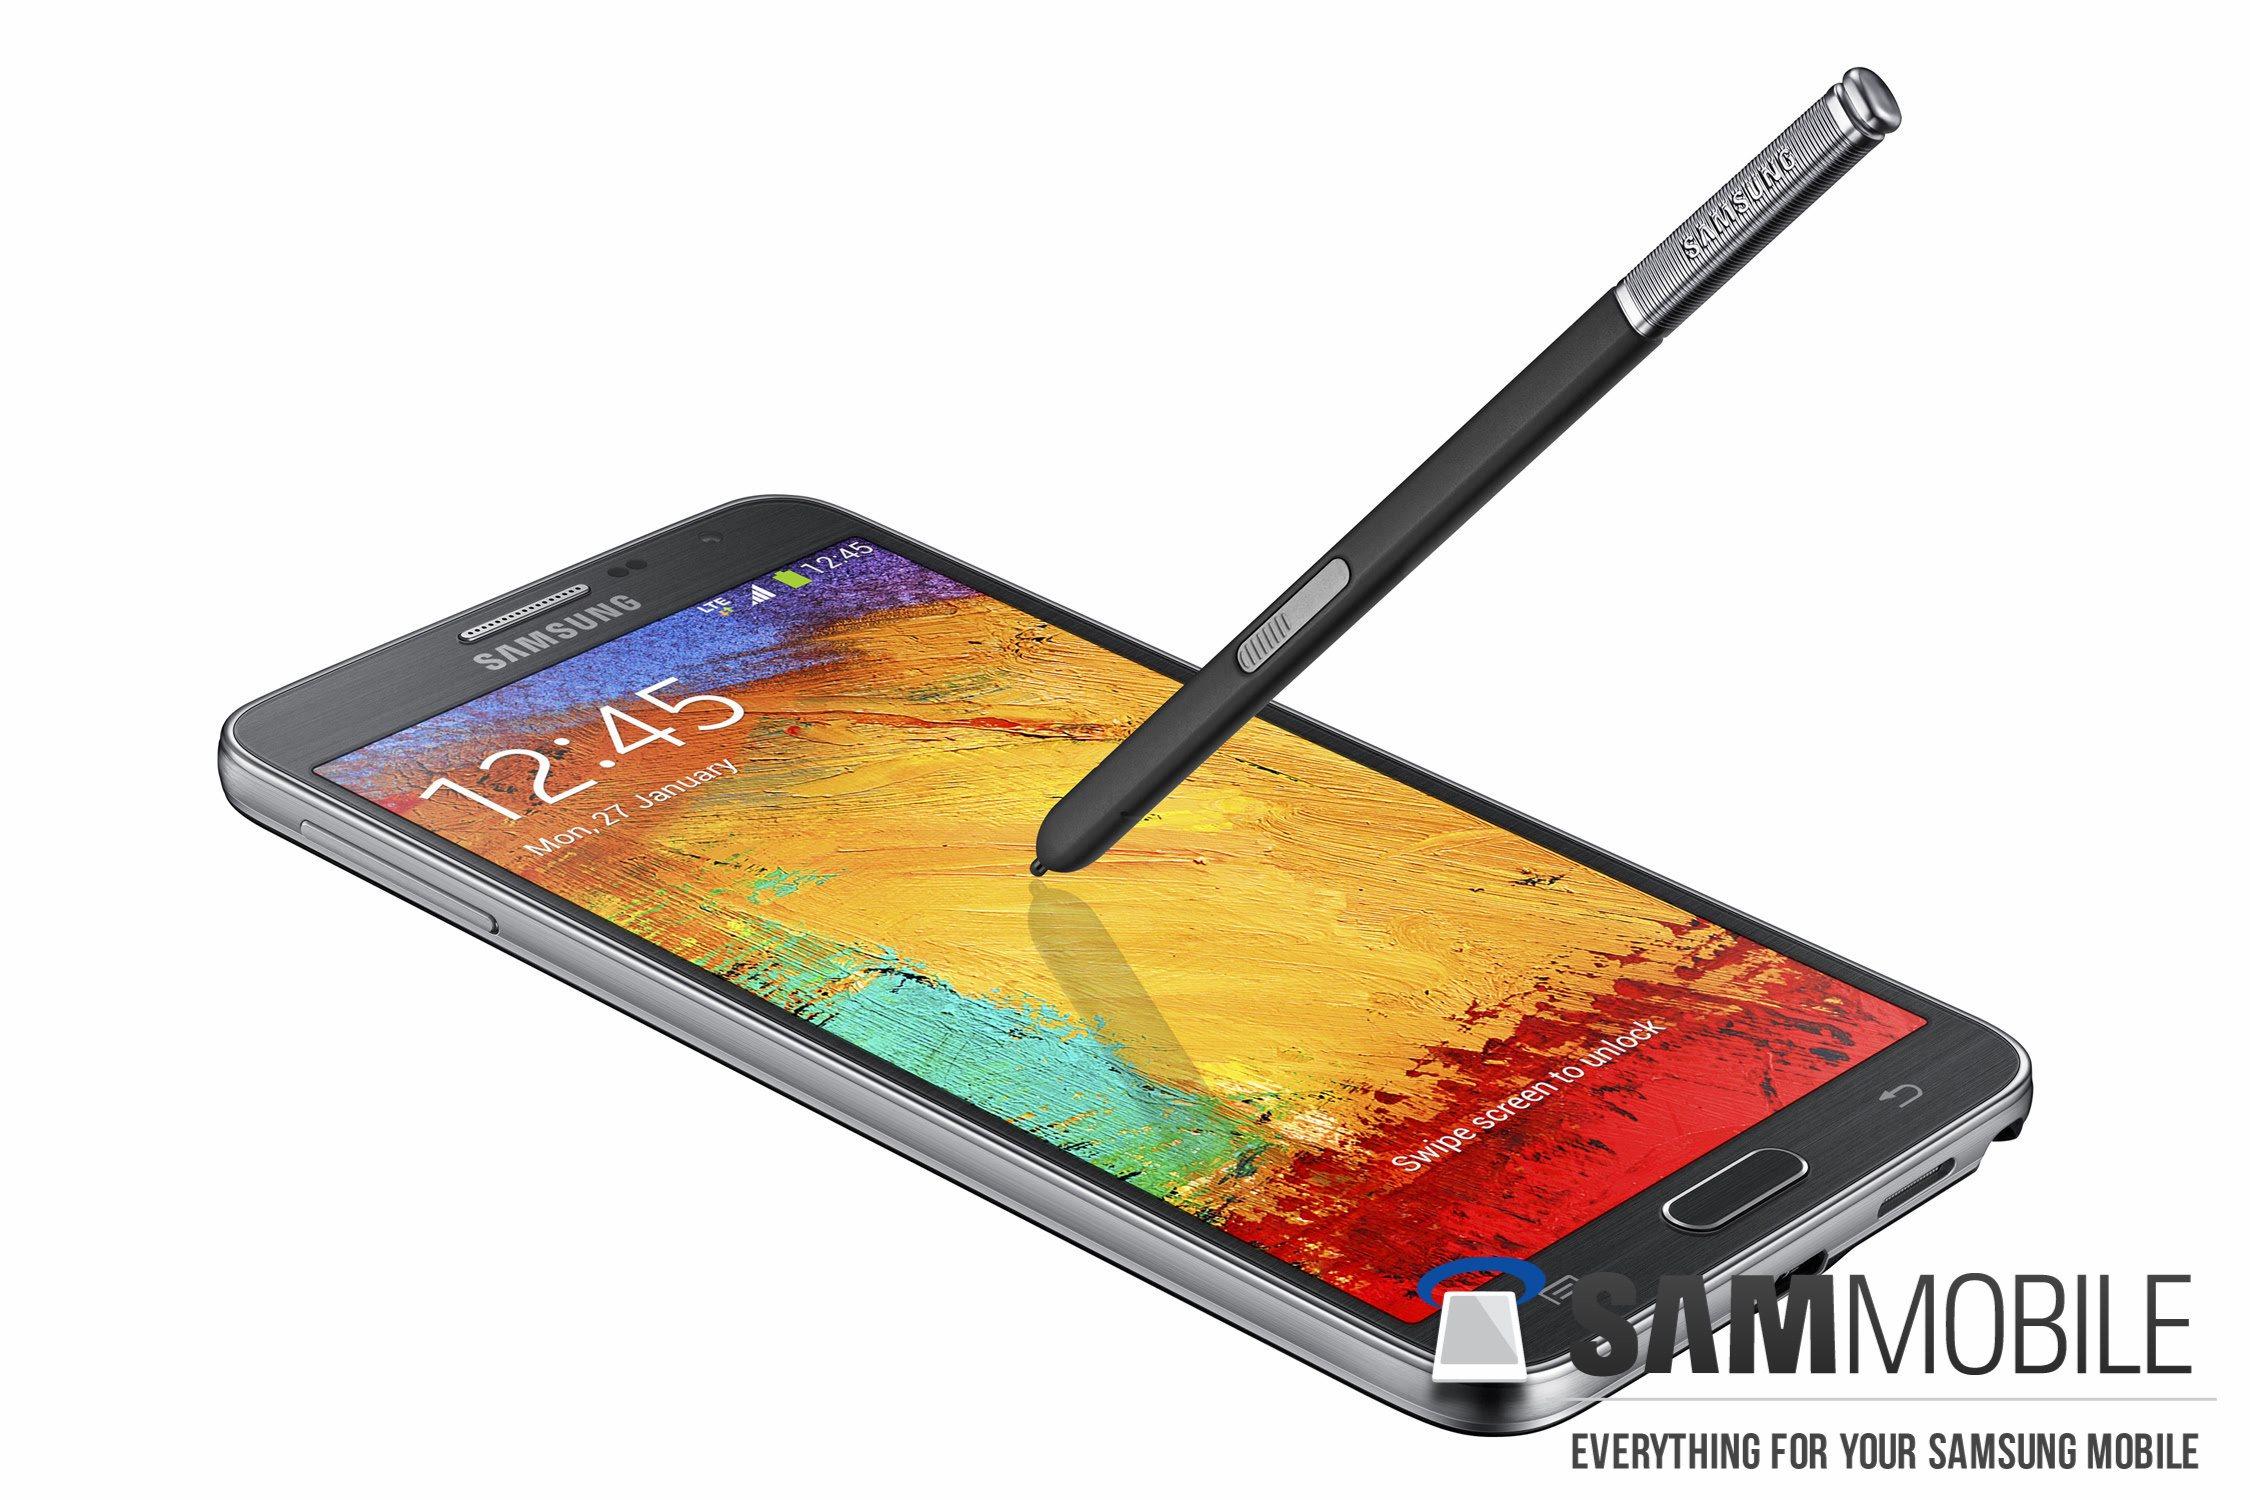 Bientôt l'officialisation : le Galaxy Note 3 Neo apparaît dans des photos presse